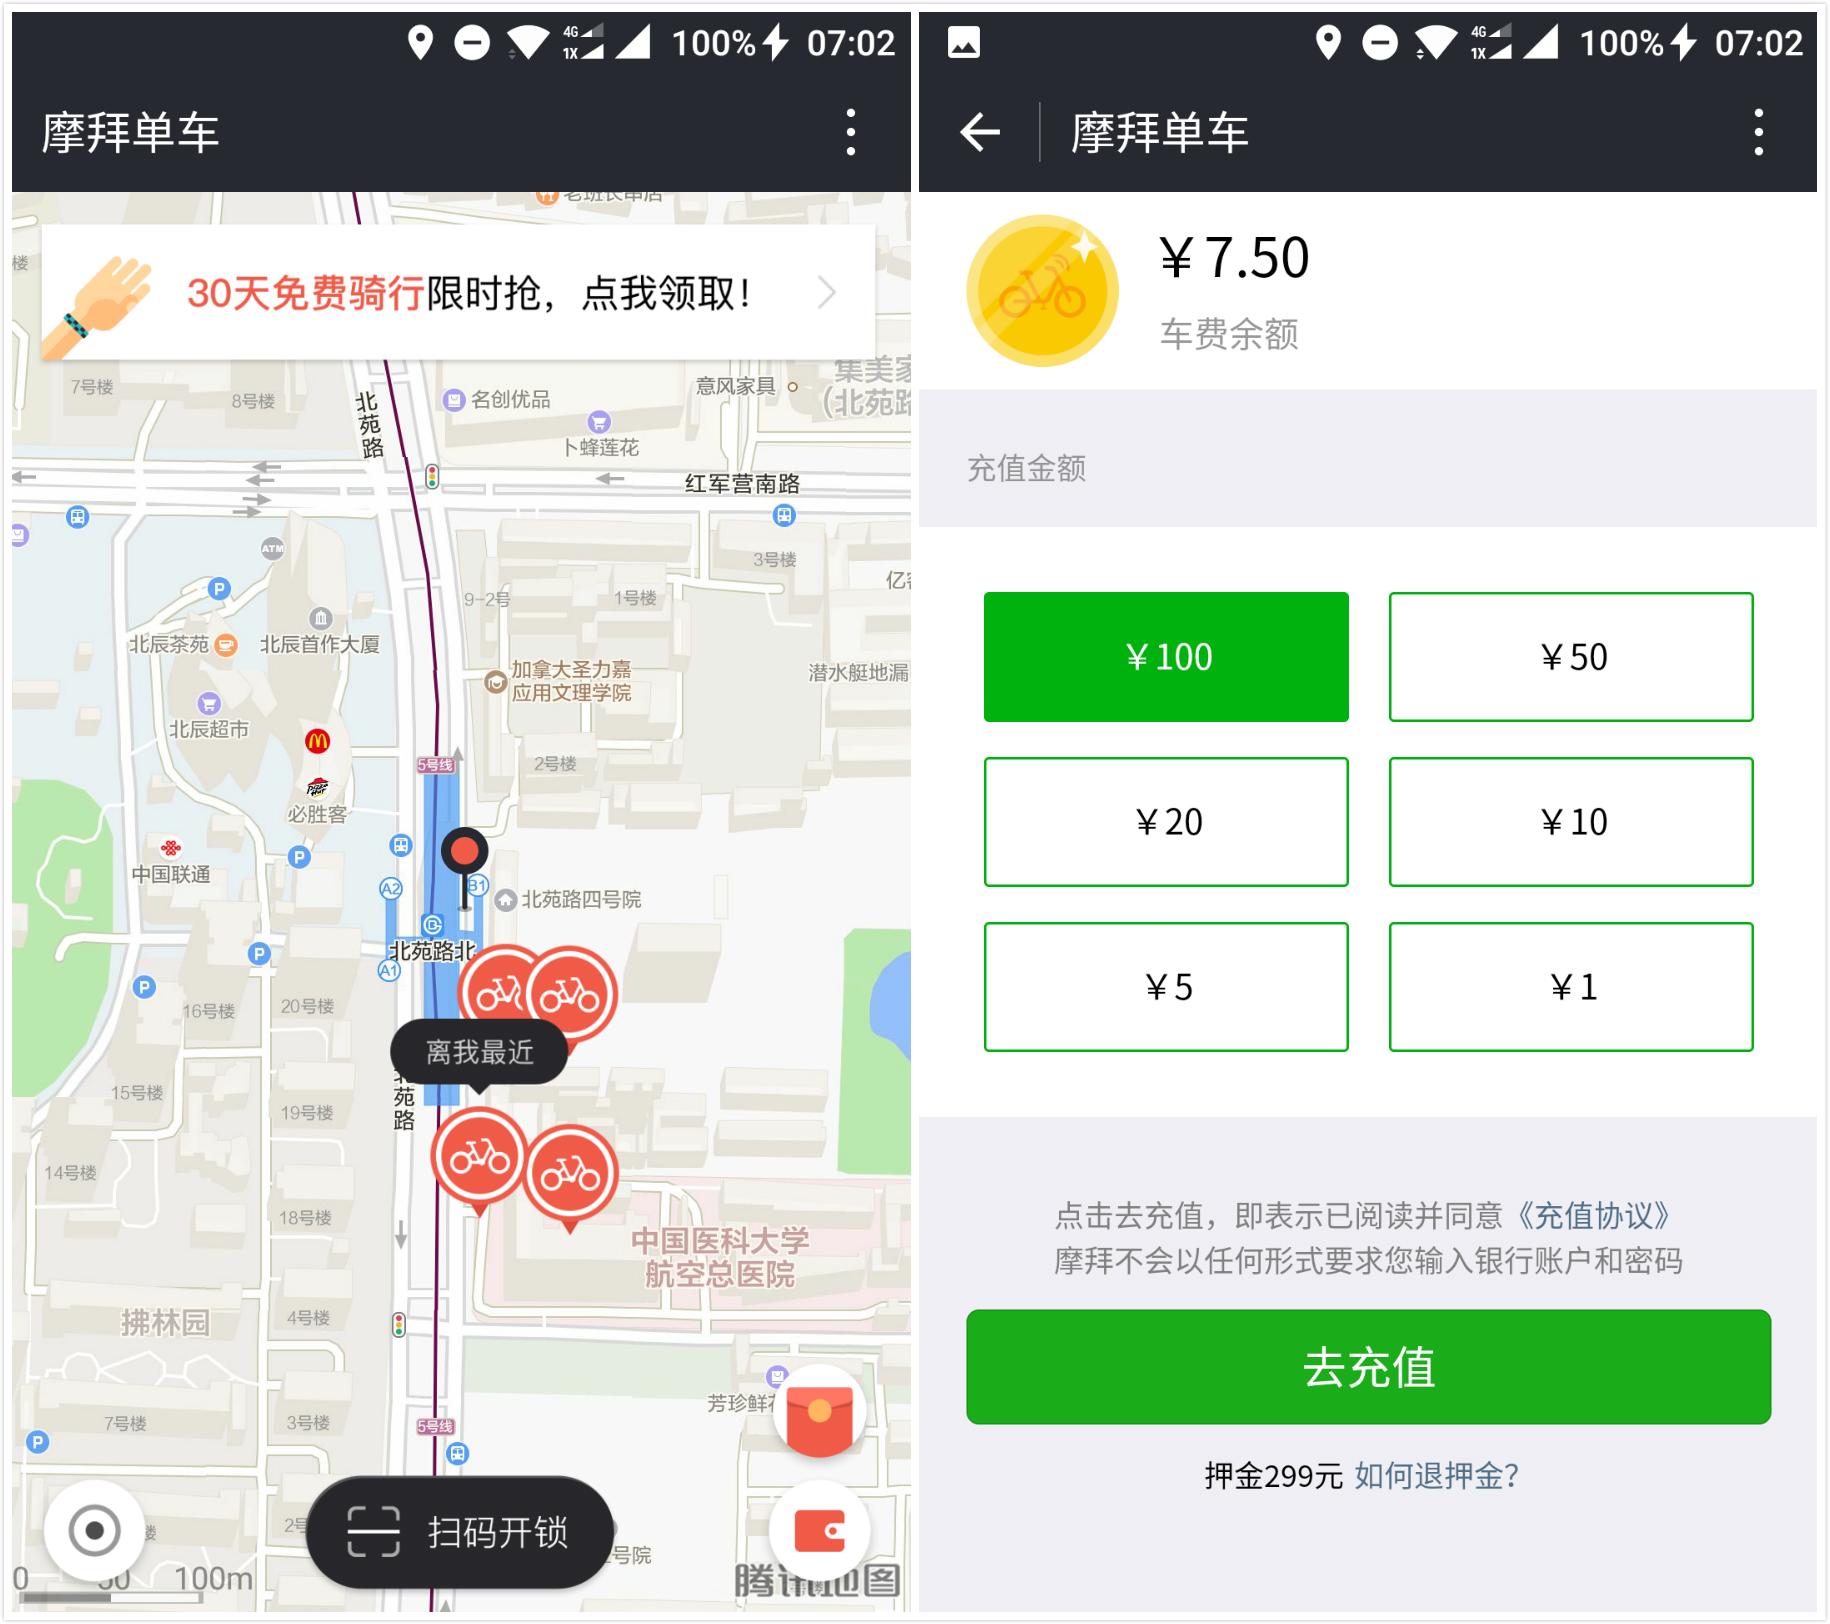 不下载摩拜单车的 App,一个普通用户几乎可以享受摩拜单车的所有基础功能。